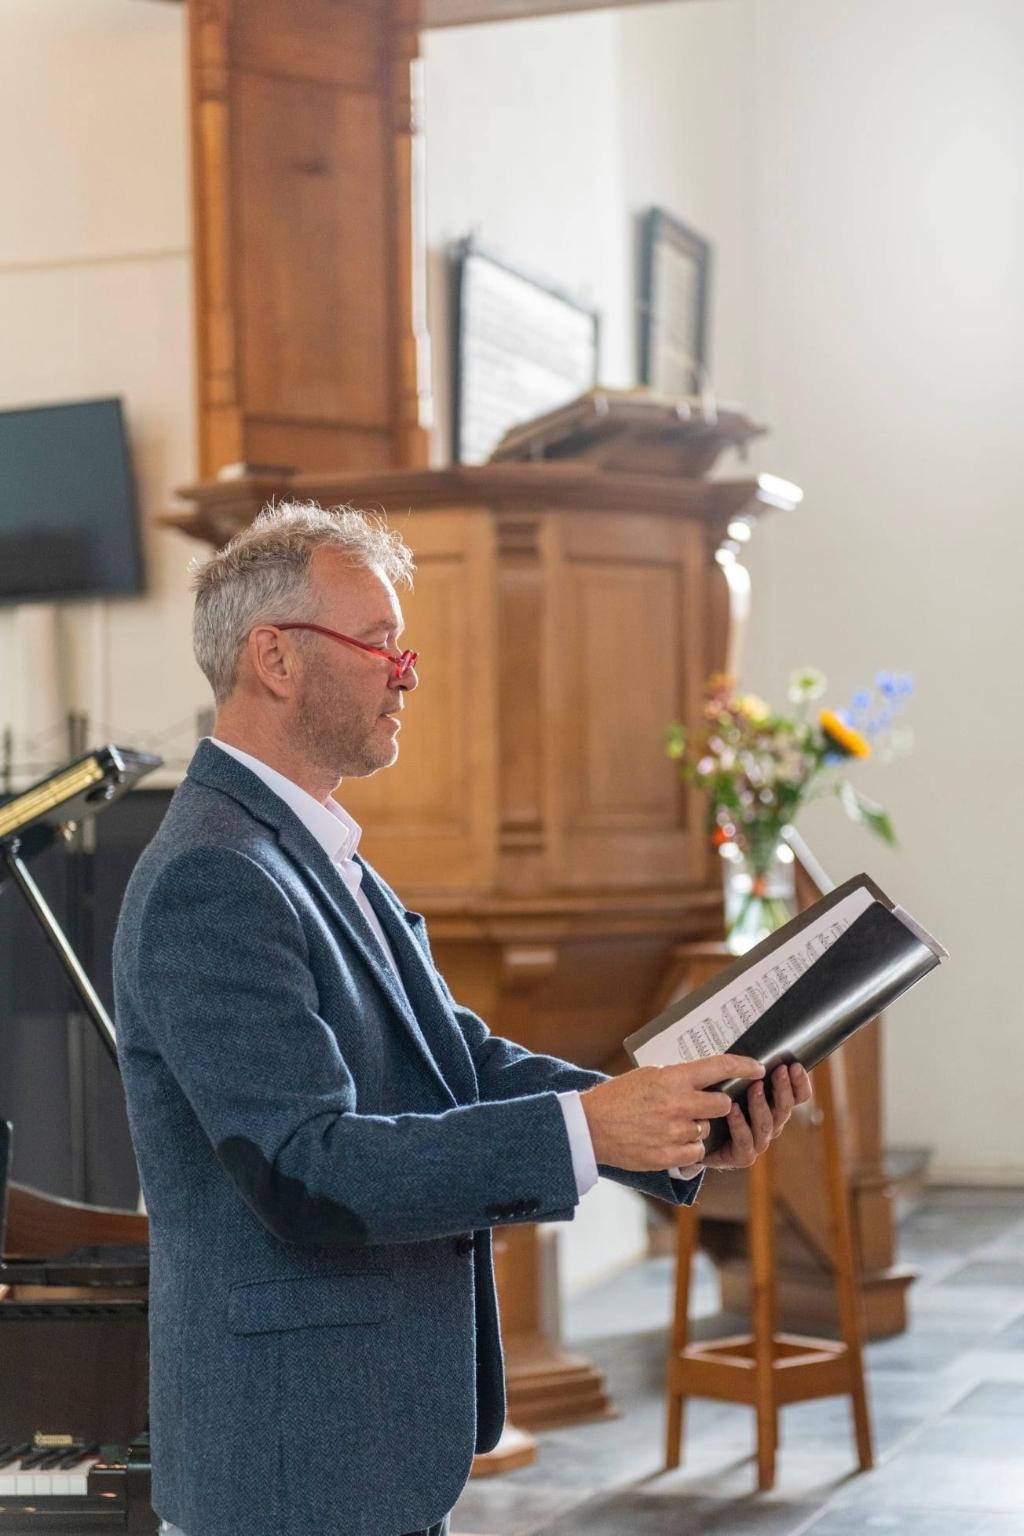 Sietse van Wijgerden is een veelzijdig musicus die zingt, dirigeert en orgel- en pianolessen geeft Prive collectie © BDU Media